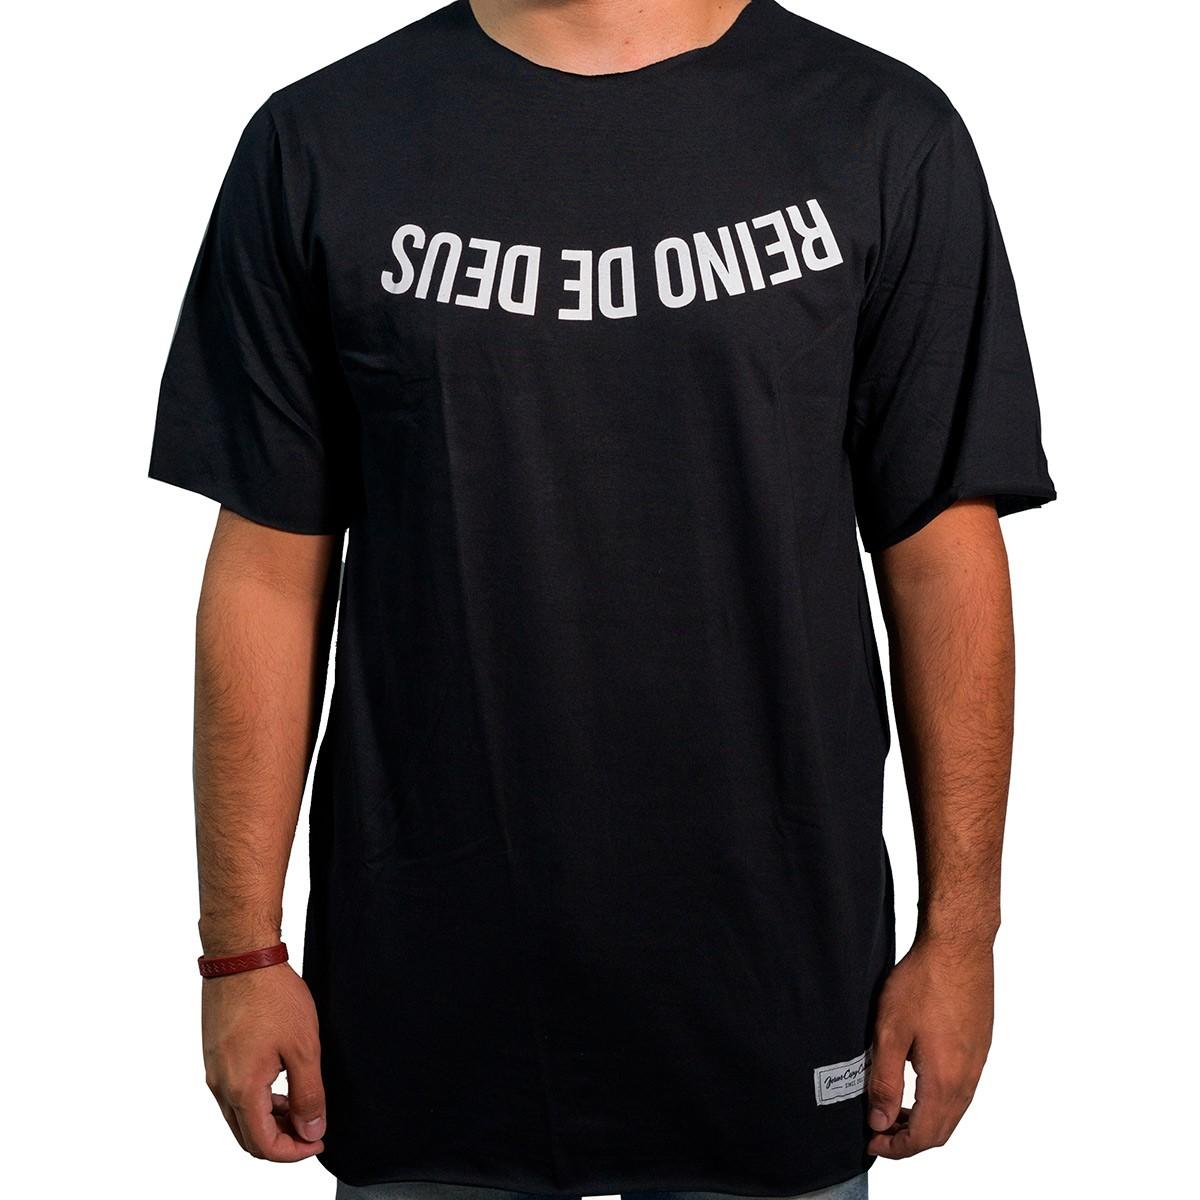 Camiseta Reino de Deus Masculina - #REINODEPONTACABEÇA  - Jesuscopy